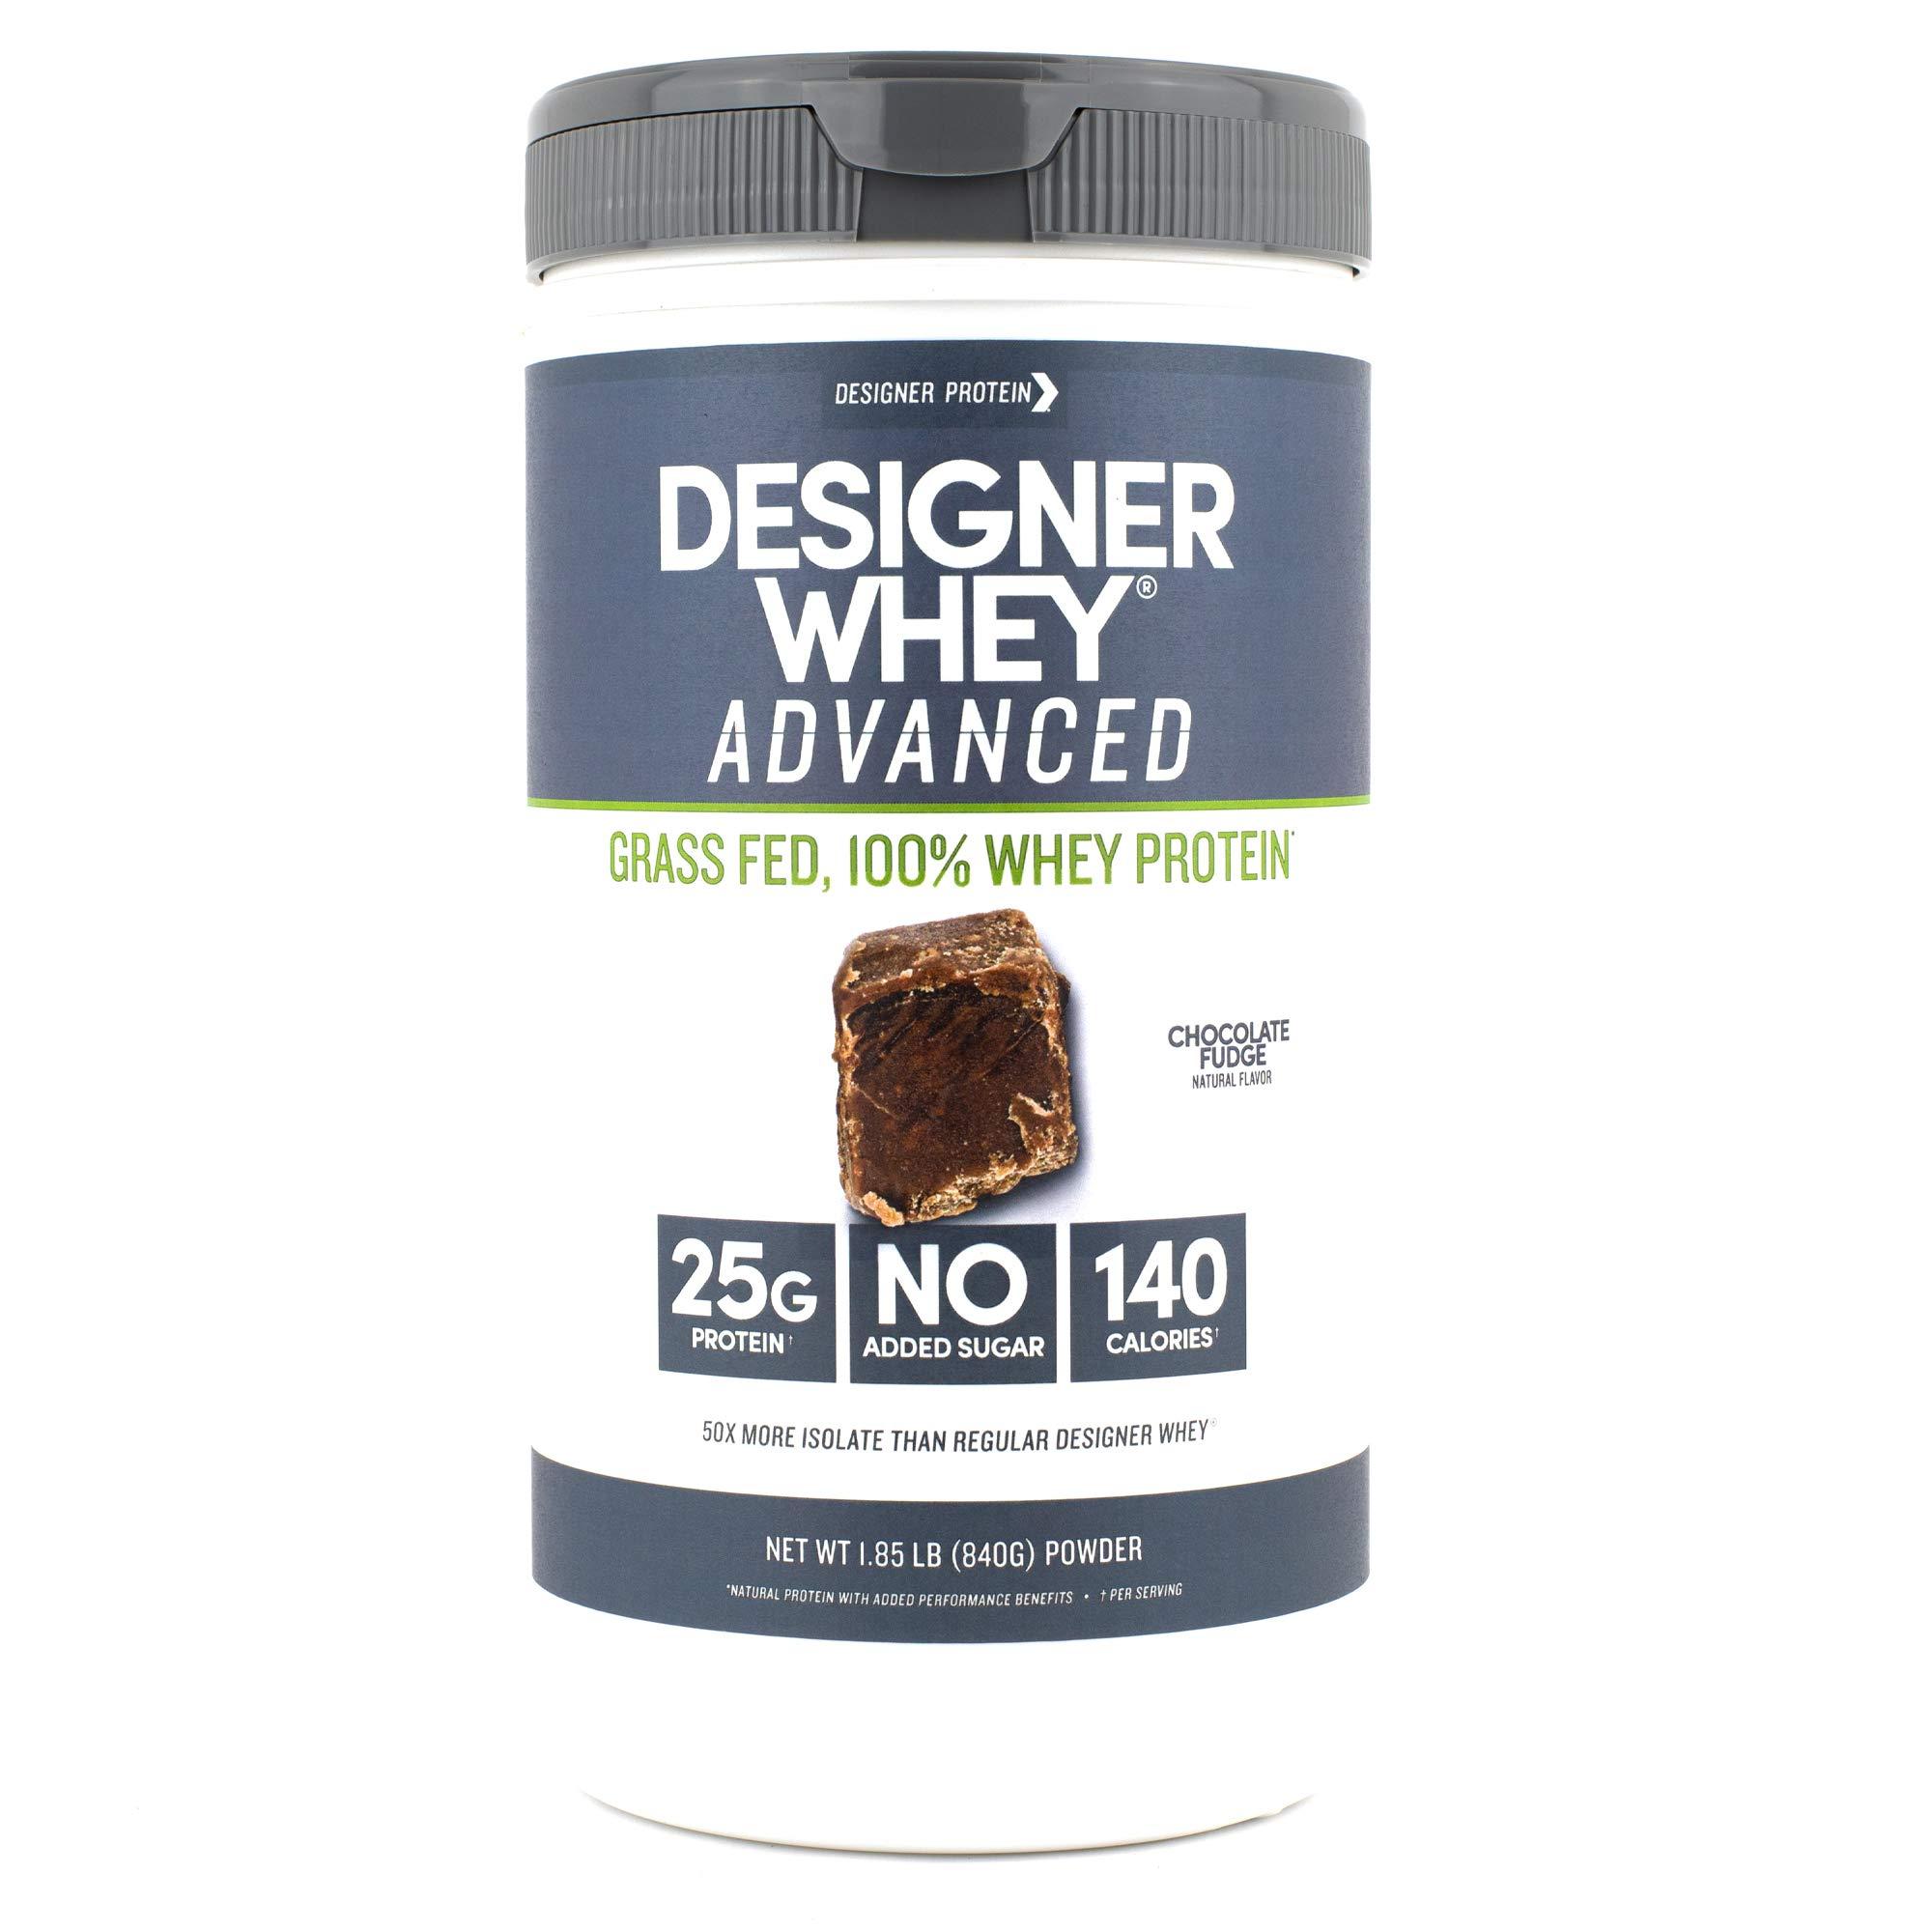 Designer Whey Grass Fed Protein Powder, Chocolate Fudge, 1.85 Pound, Non GMO by Designer Protein